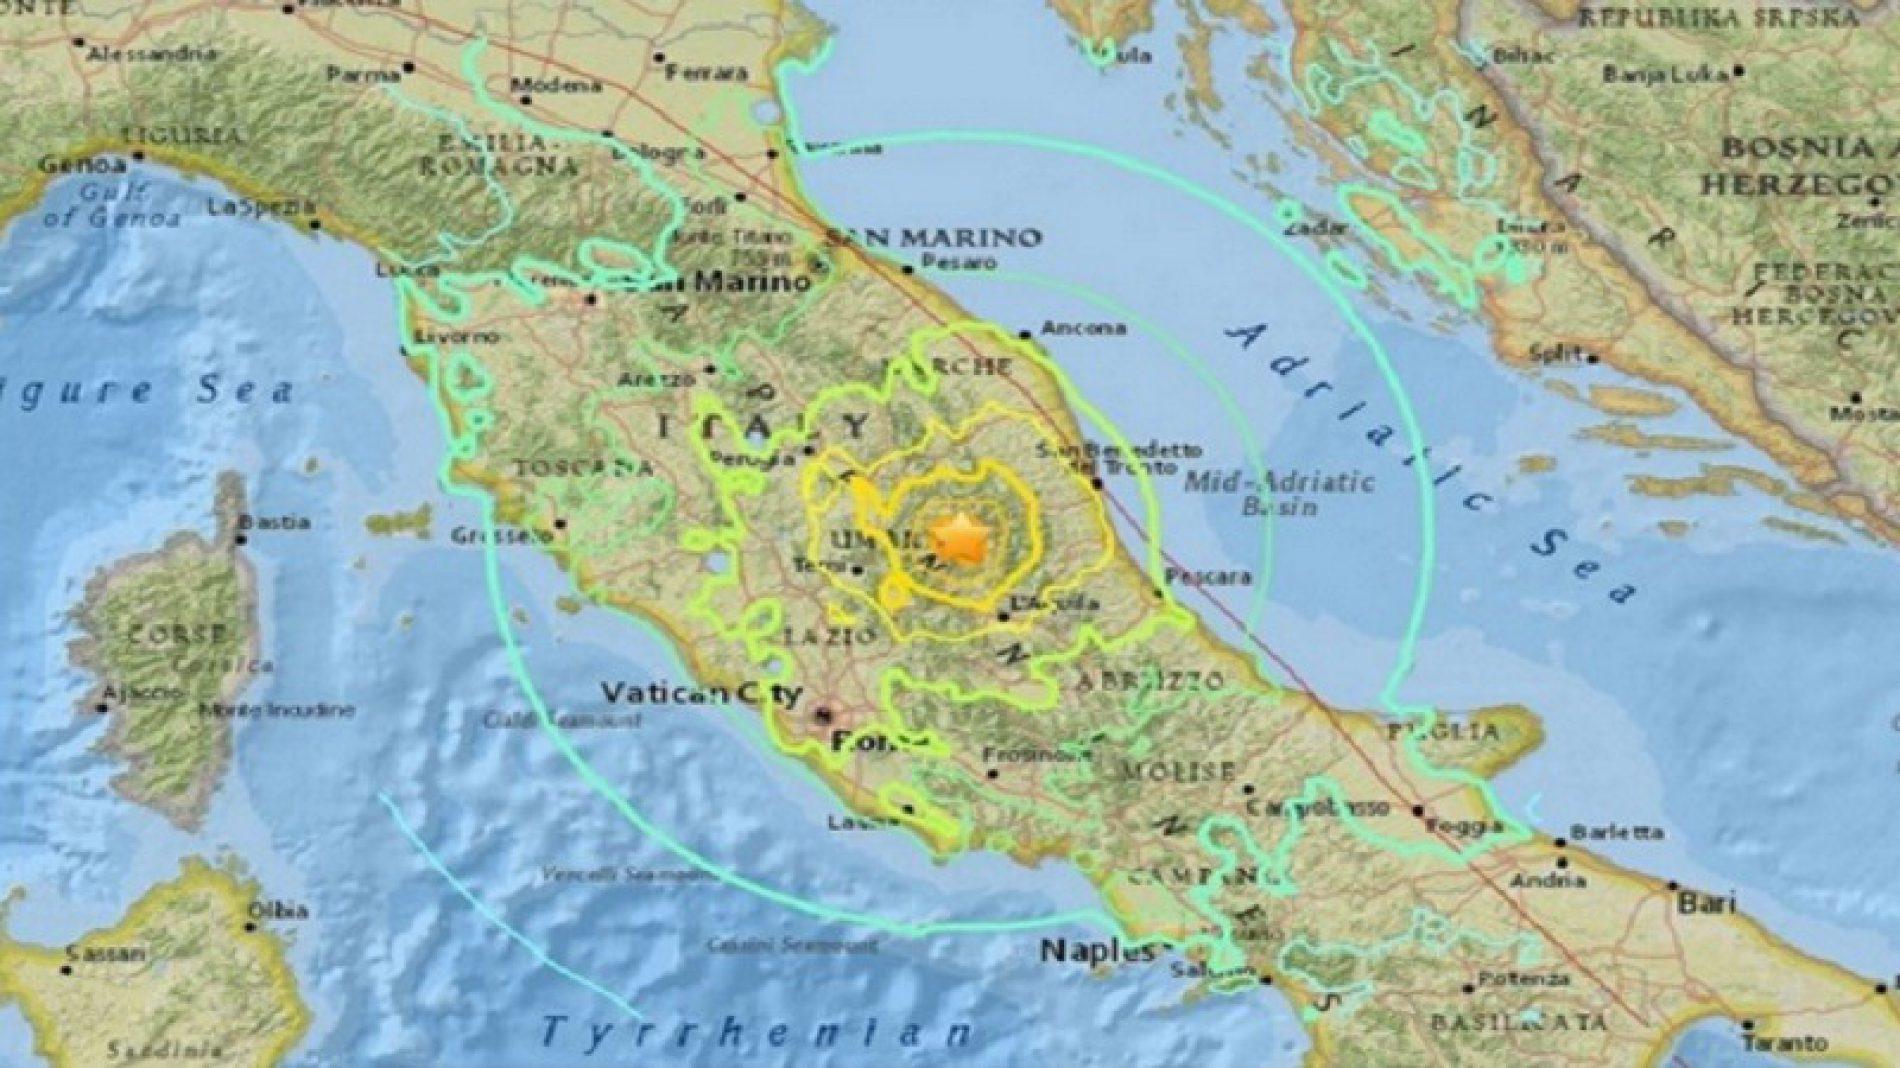 Convegno: Sequenza sismica del Centro Italia 2016-2017.